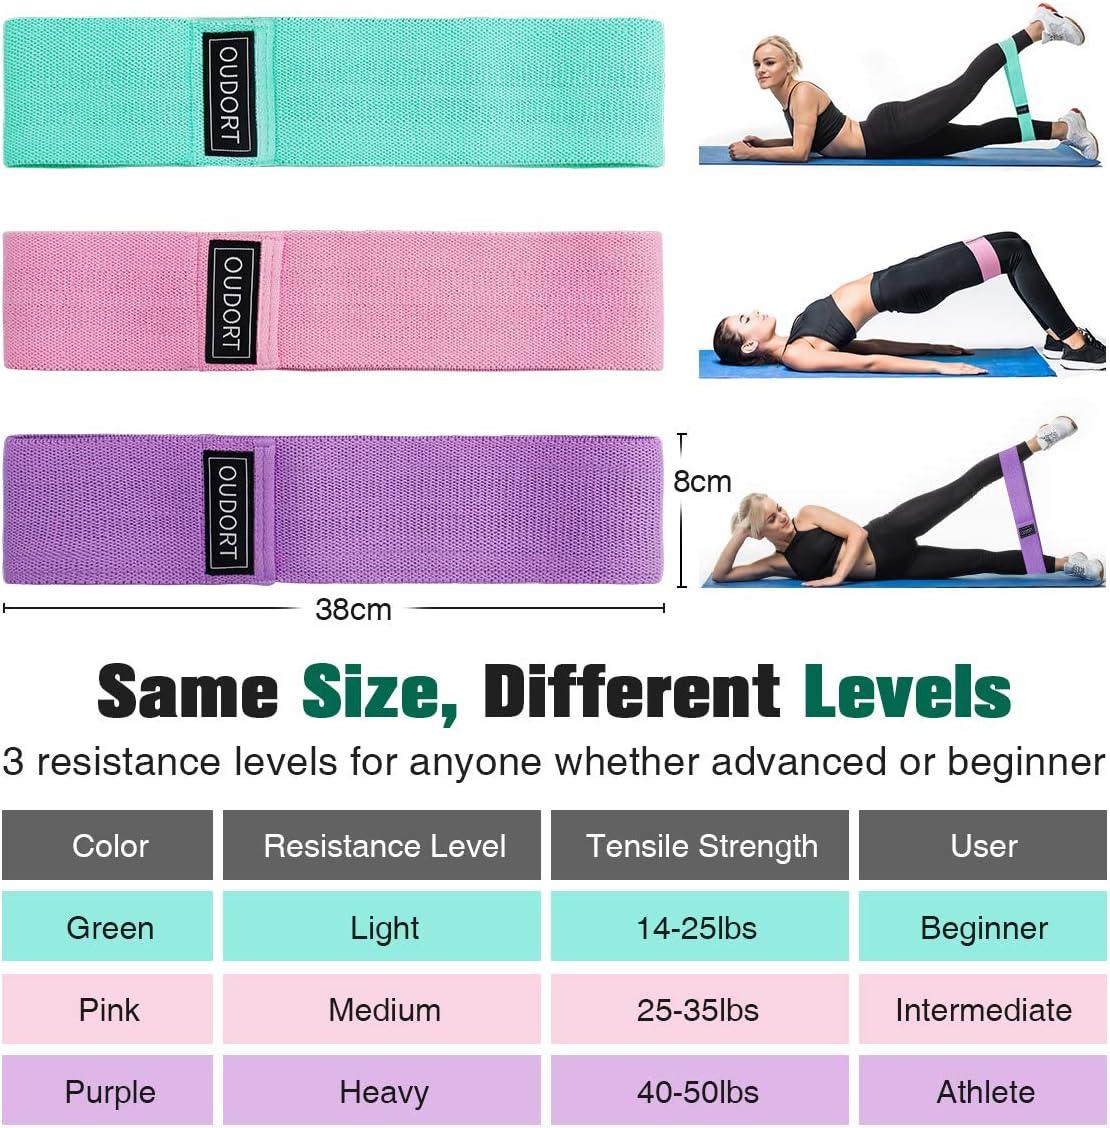 Gomas para Yoga Hombres y Mujeres ELVIRE SPORT Bandas El/ásticas 3 Pack: Bandas de Resistencia de Tela para Ejercicios de Gl/úteos y Caderas y Fitness Pilates Fisioterapia y Recuperaci/ón CrossFit